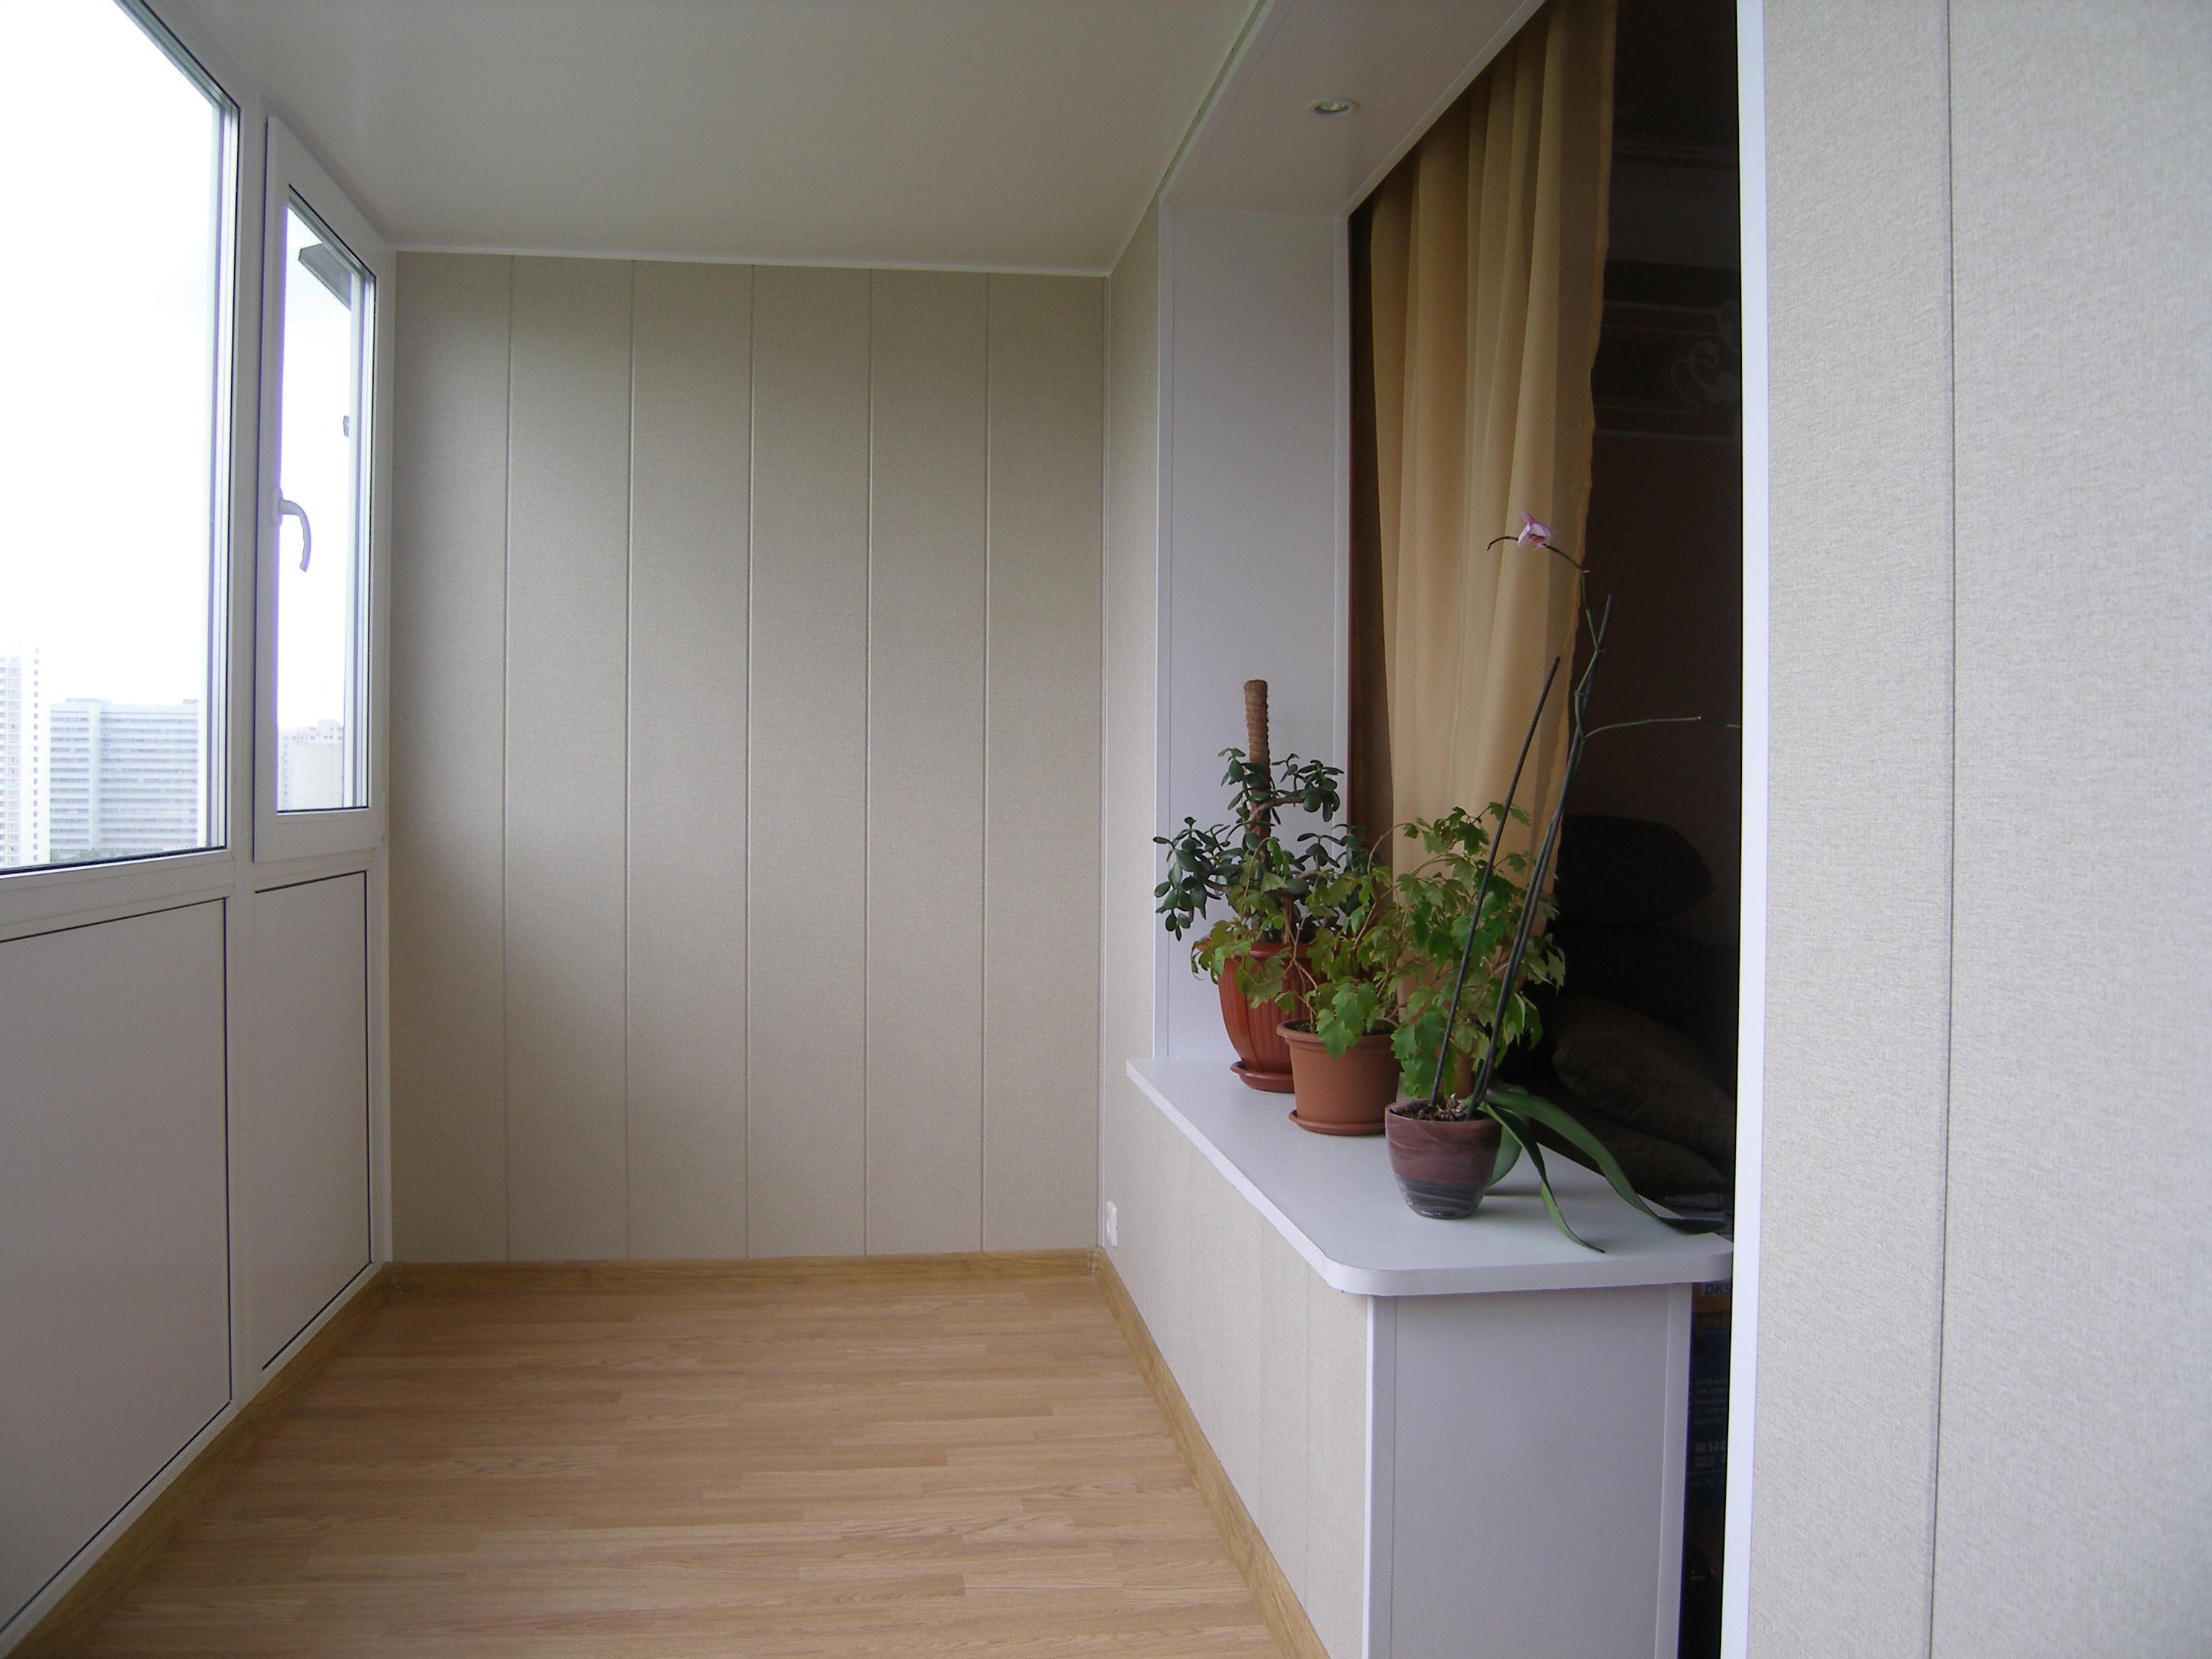 Как отделать балкон своими руками. отделка стен на балконе r.